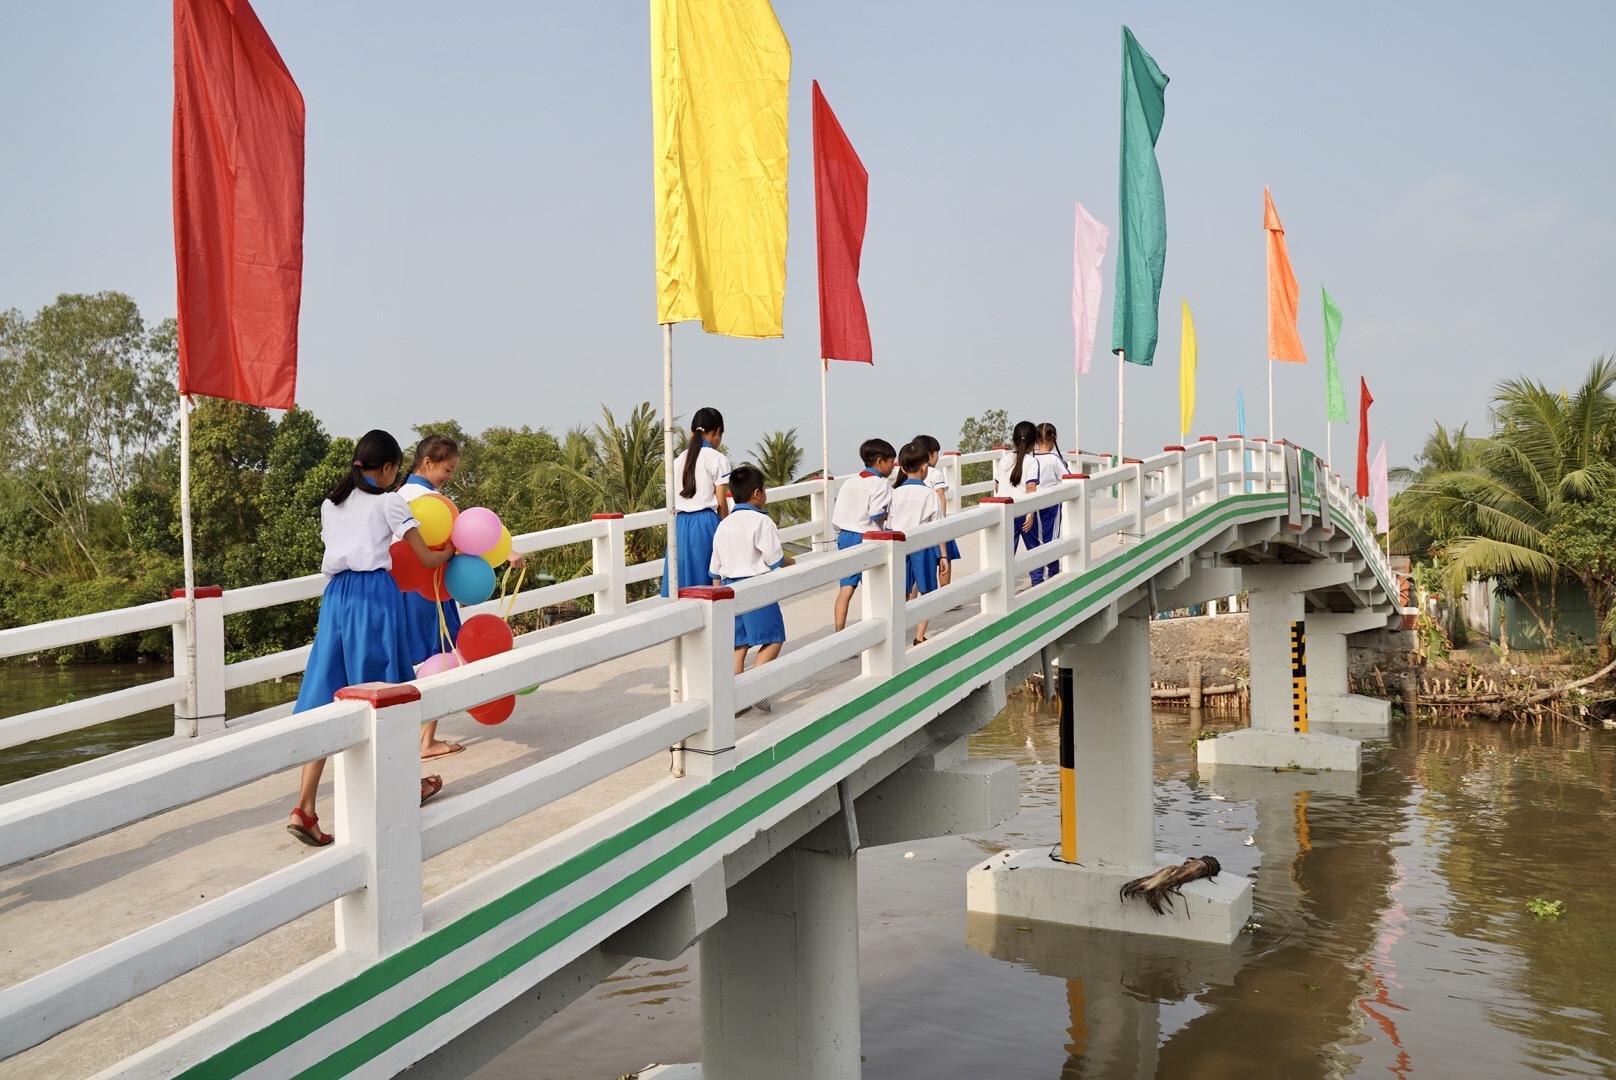 Vừa nhậm chức, nữ CEO Grab Việt Nam đã khánh thành cầu dân sinh 900 triệu đồng cho người dân miền Tây - Ảnh 2.